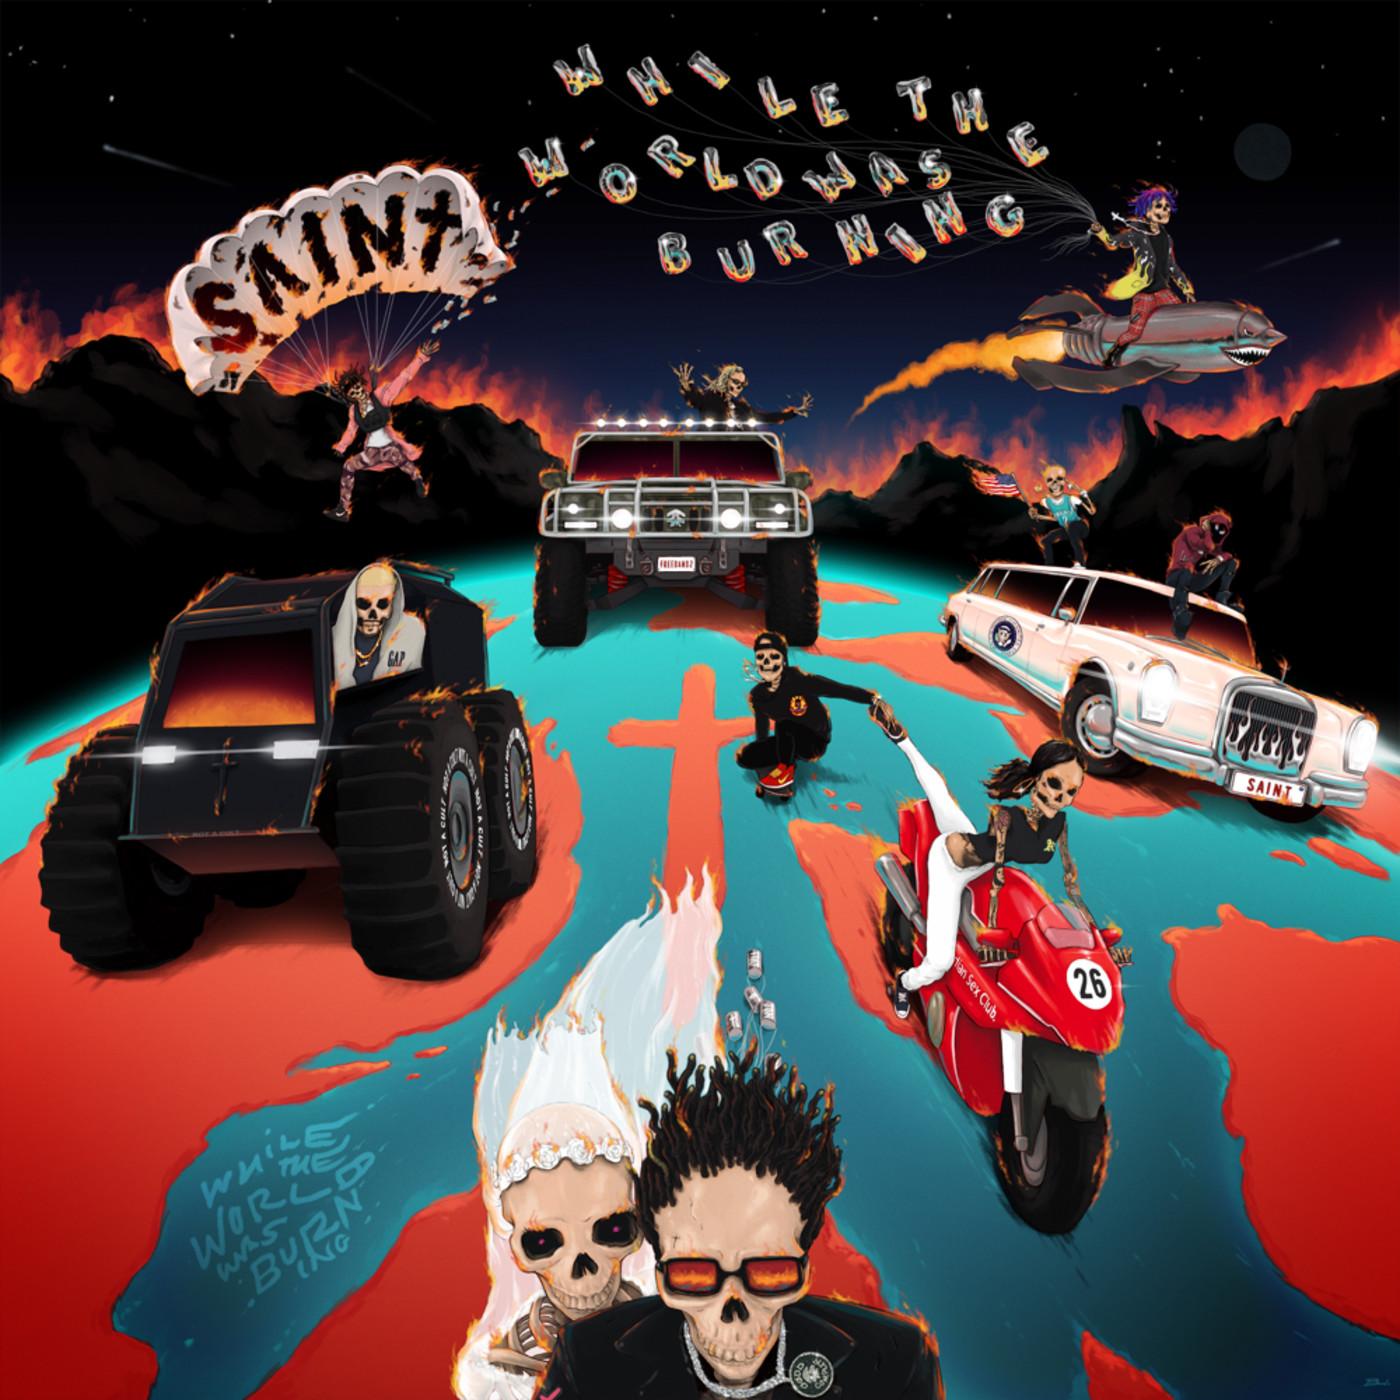 saint-jhn-album